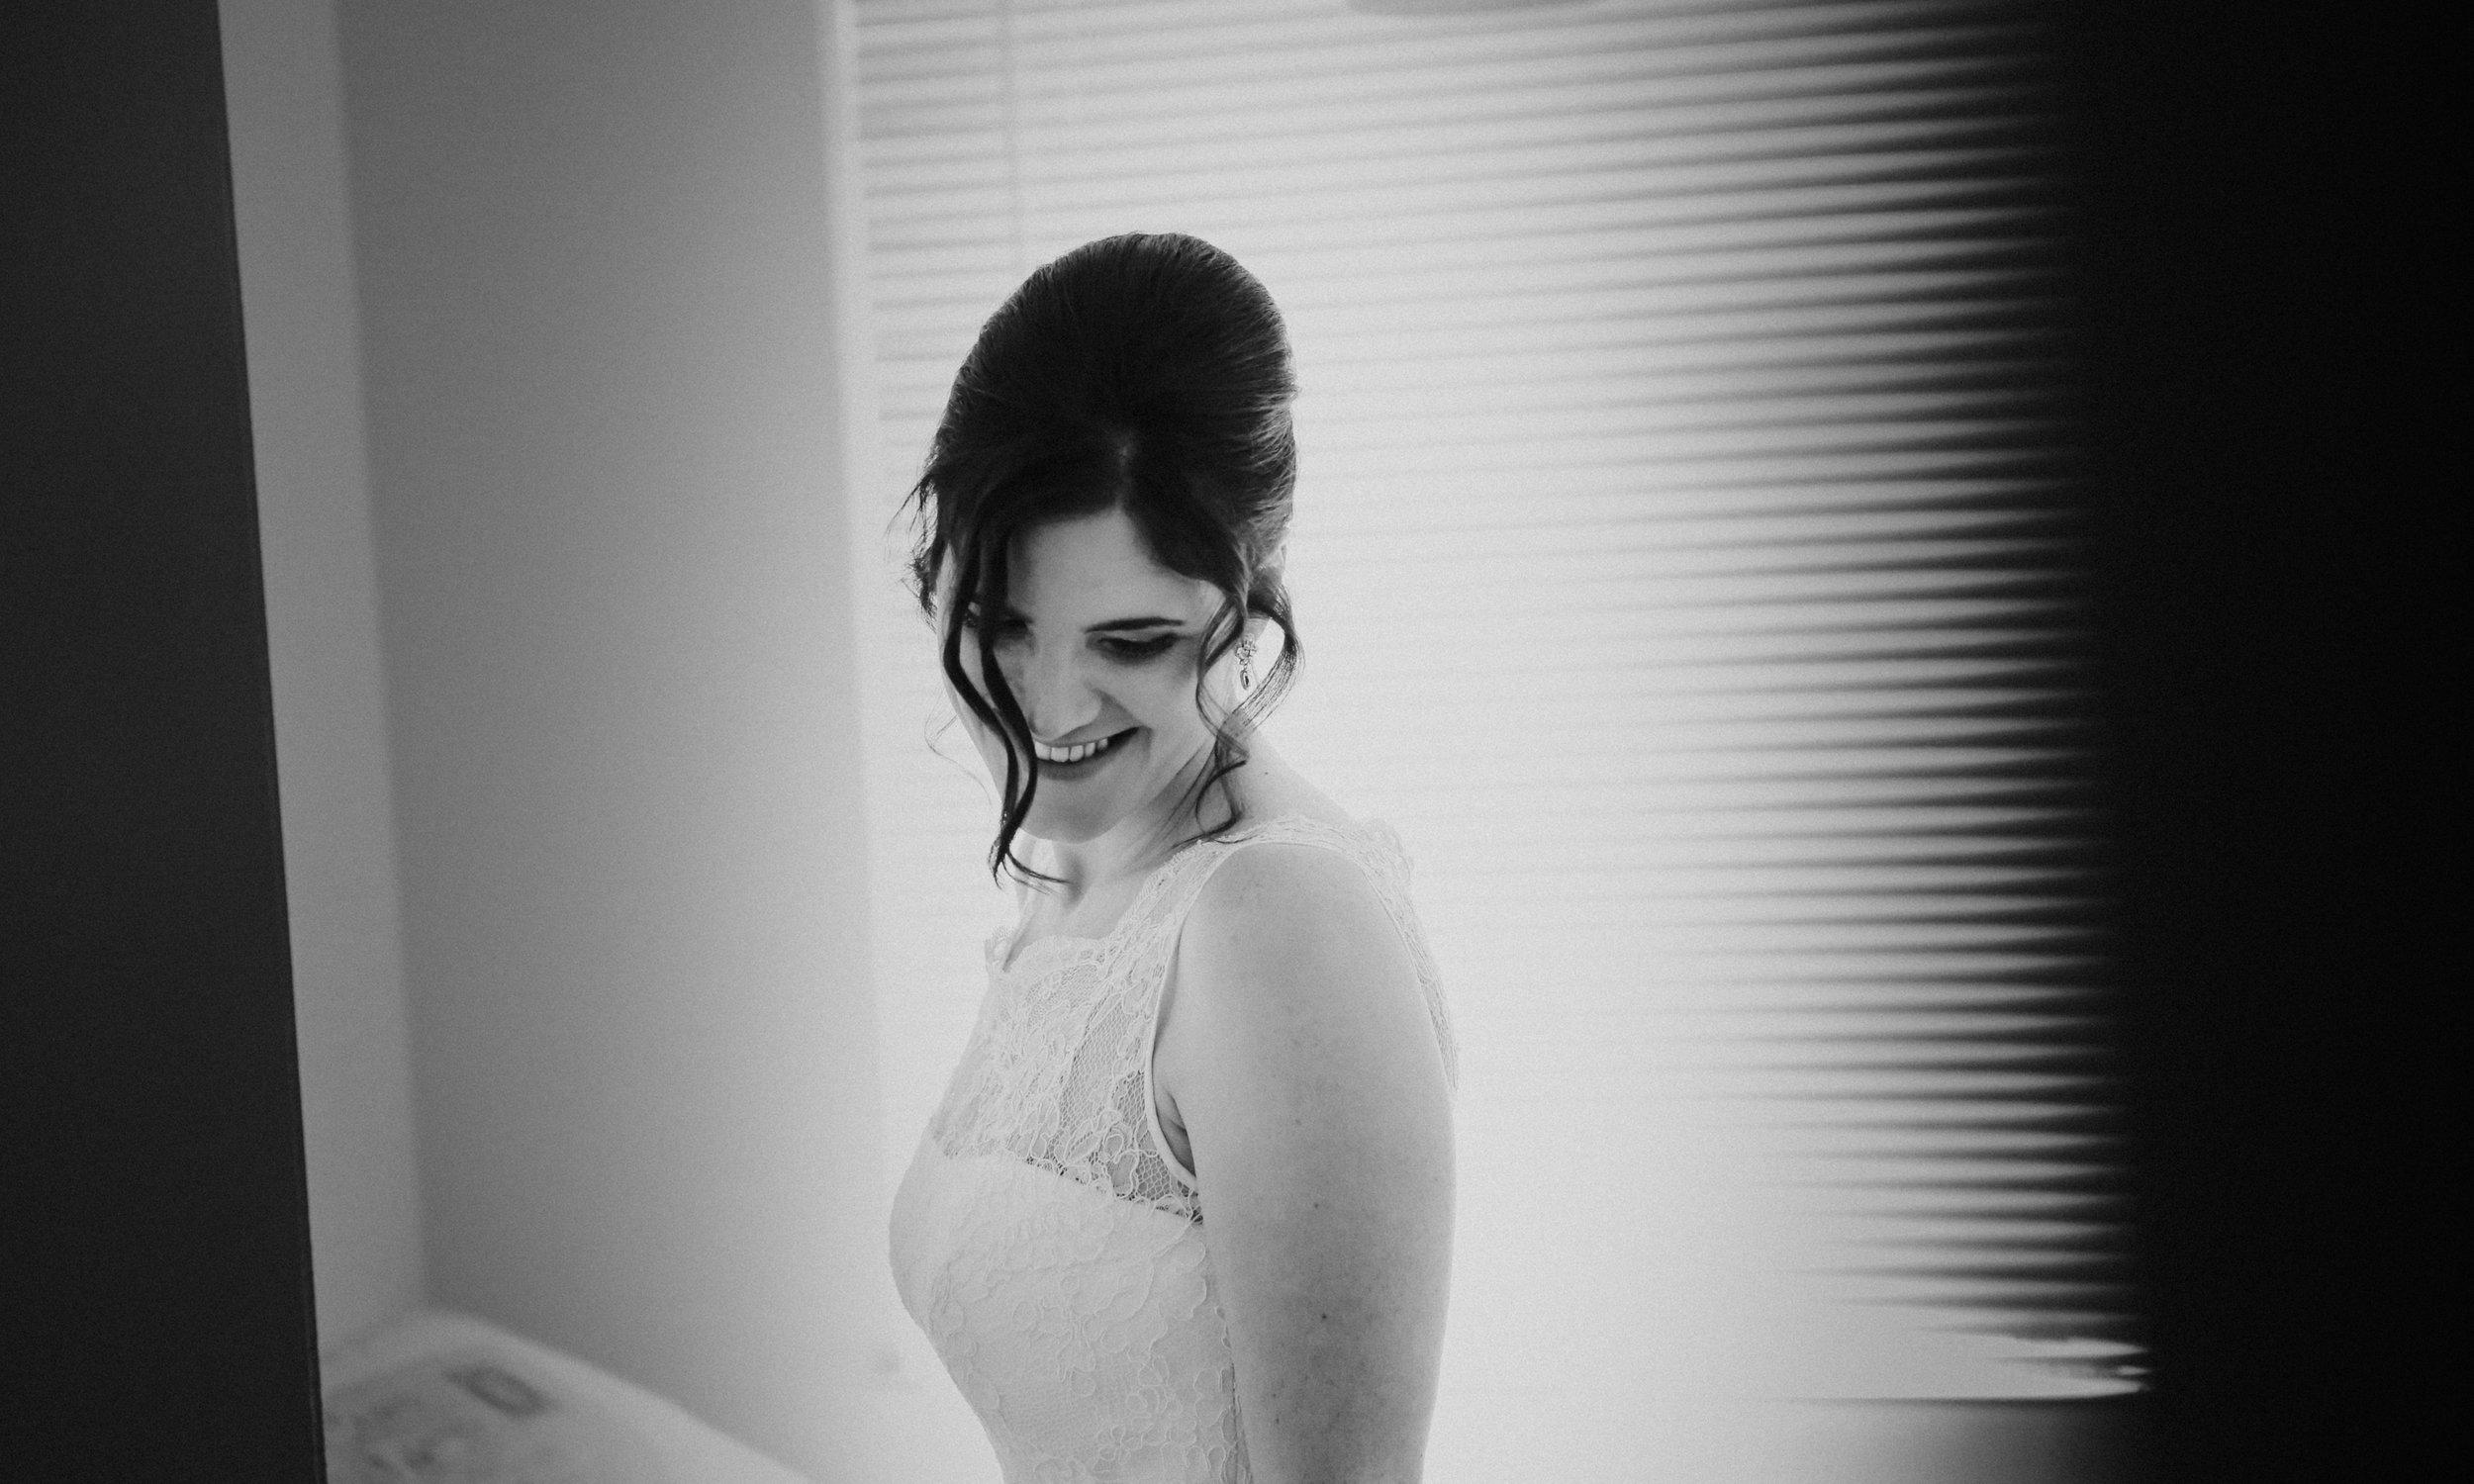 reigate-surrey-london-wedding-photography-bridal-prep-portrait-13